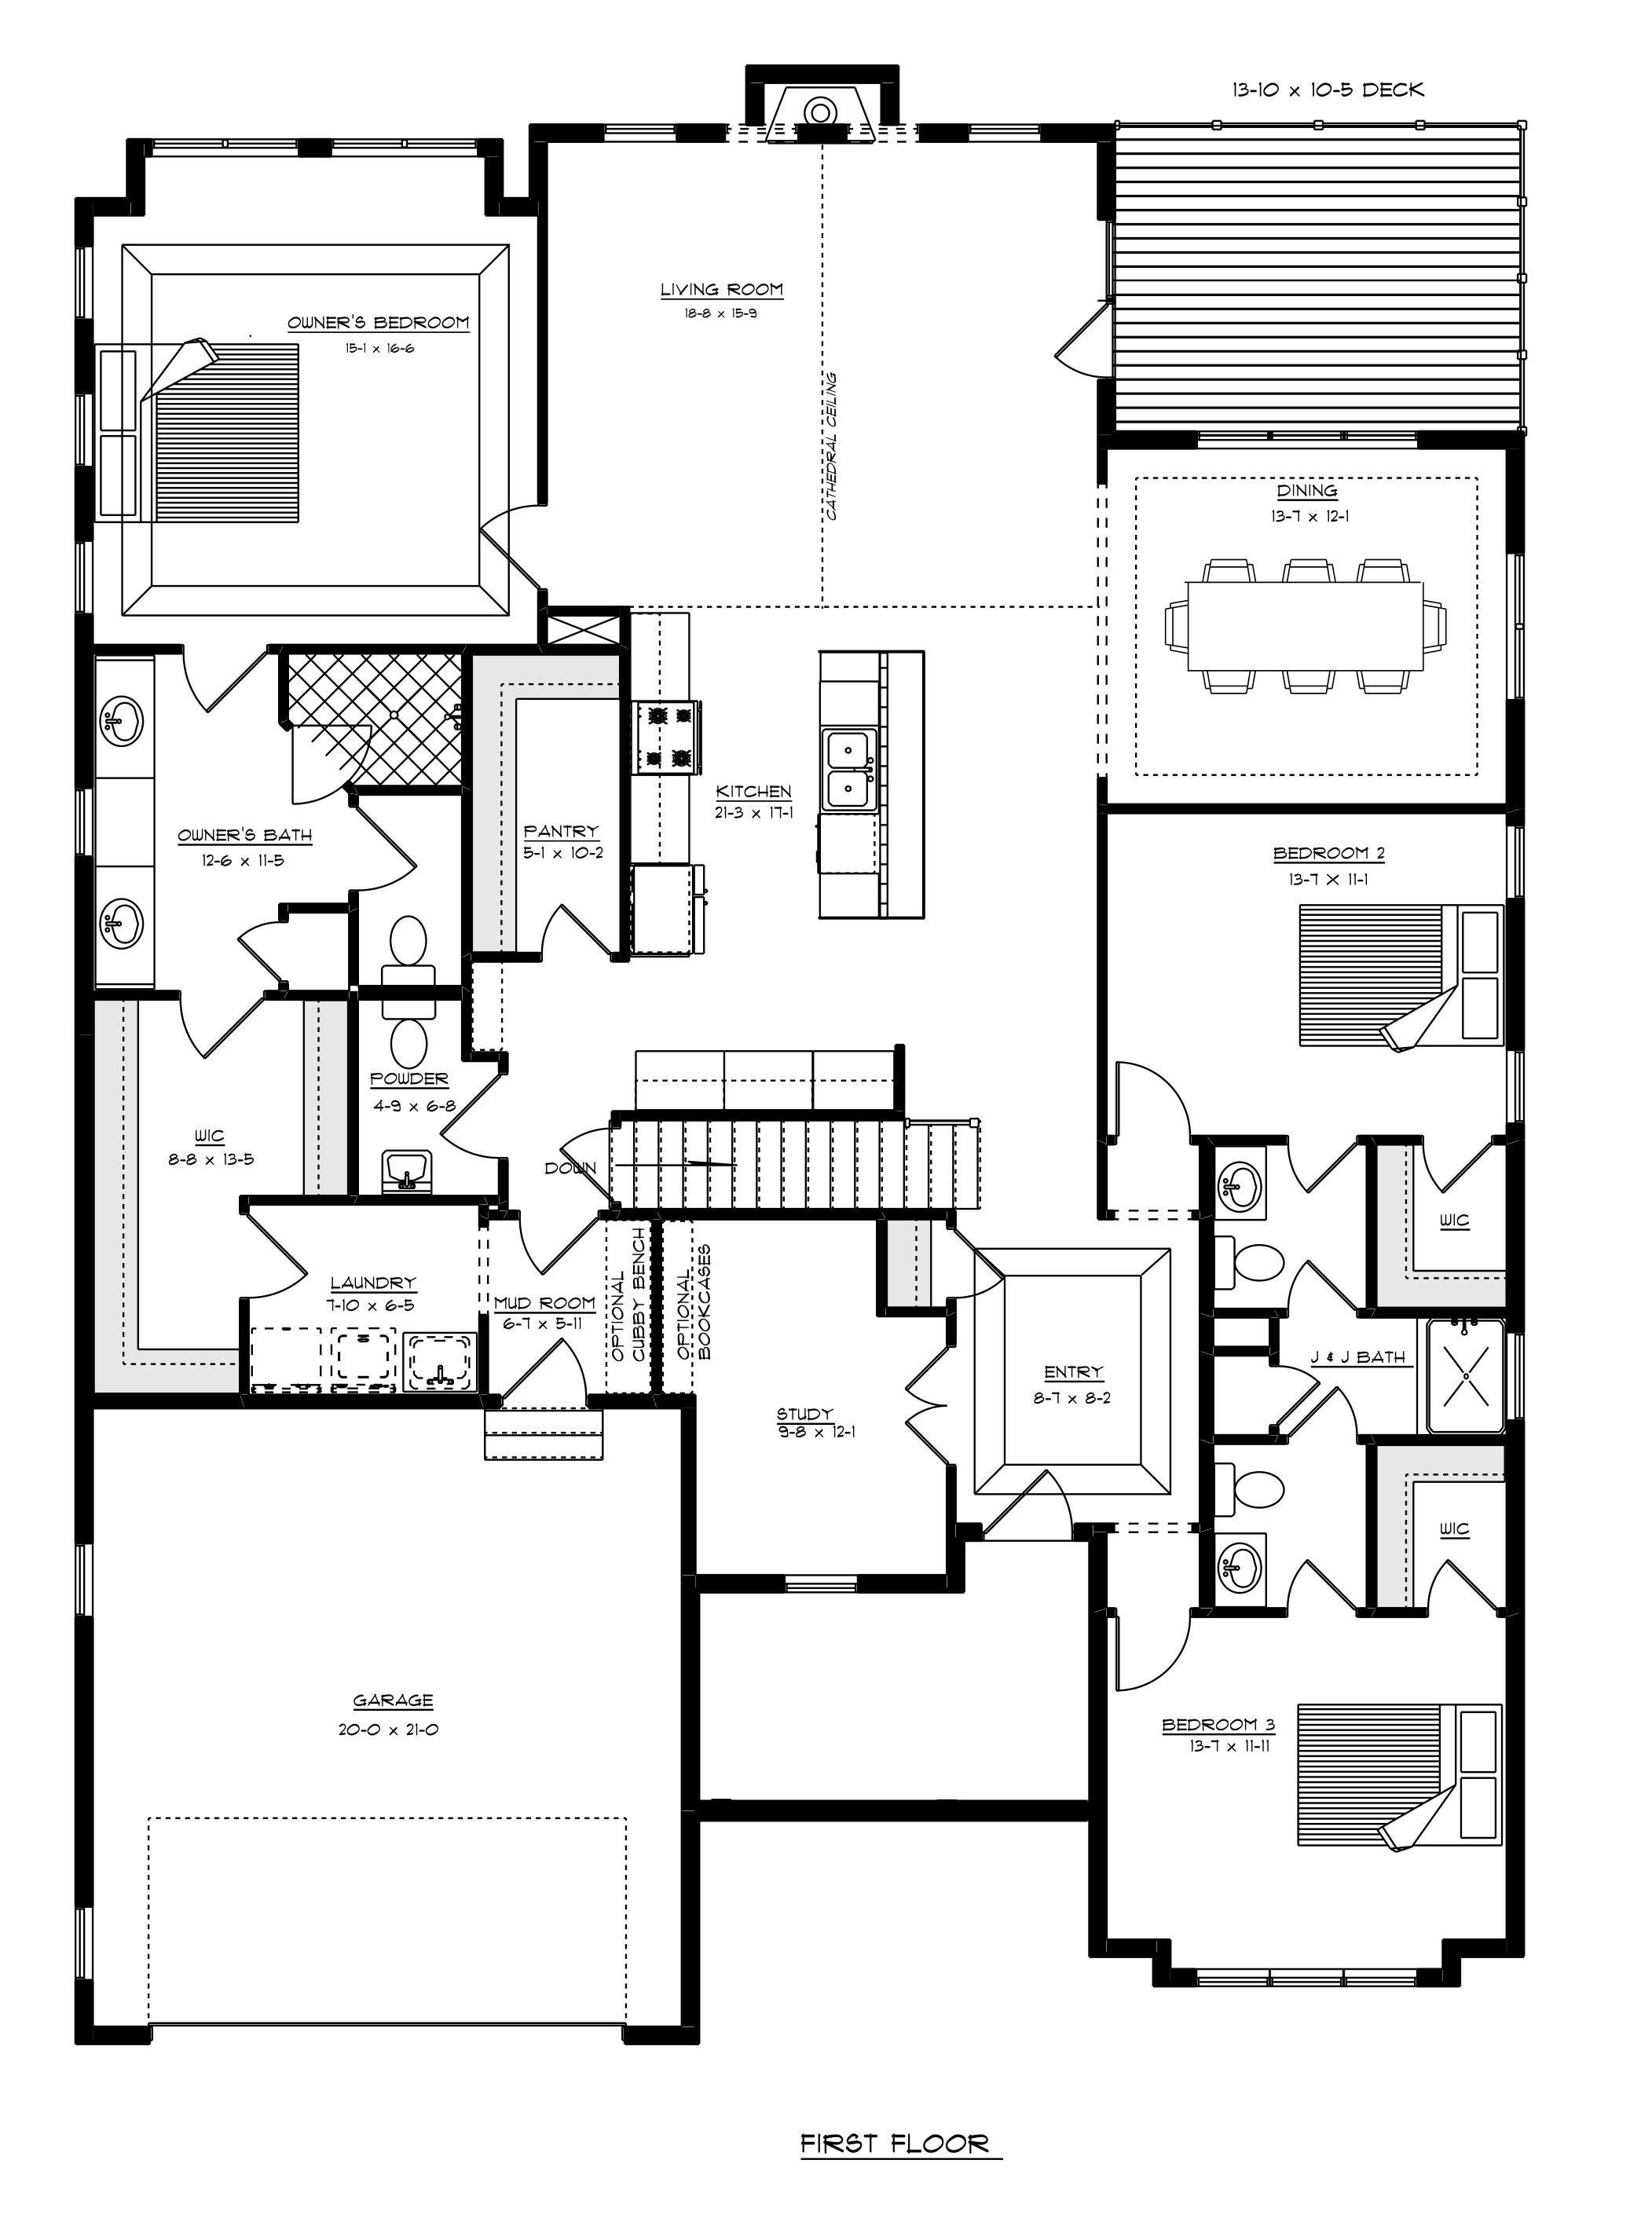 Williamsburg First Floor Plan